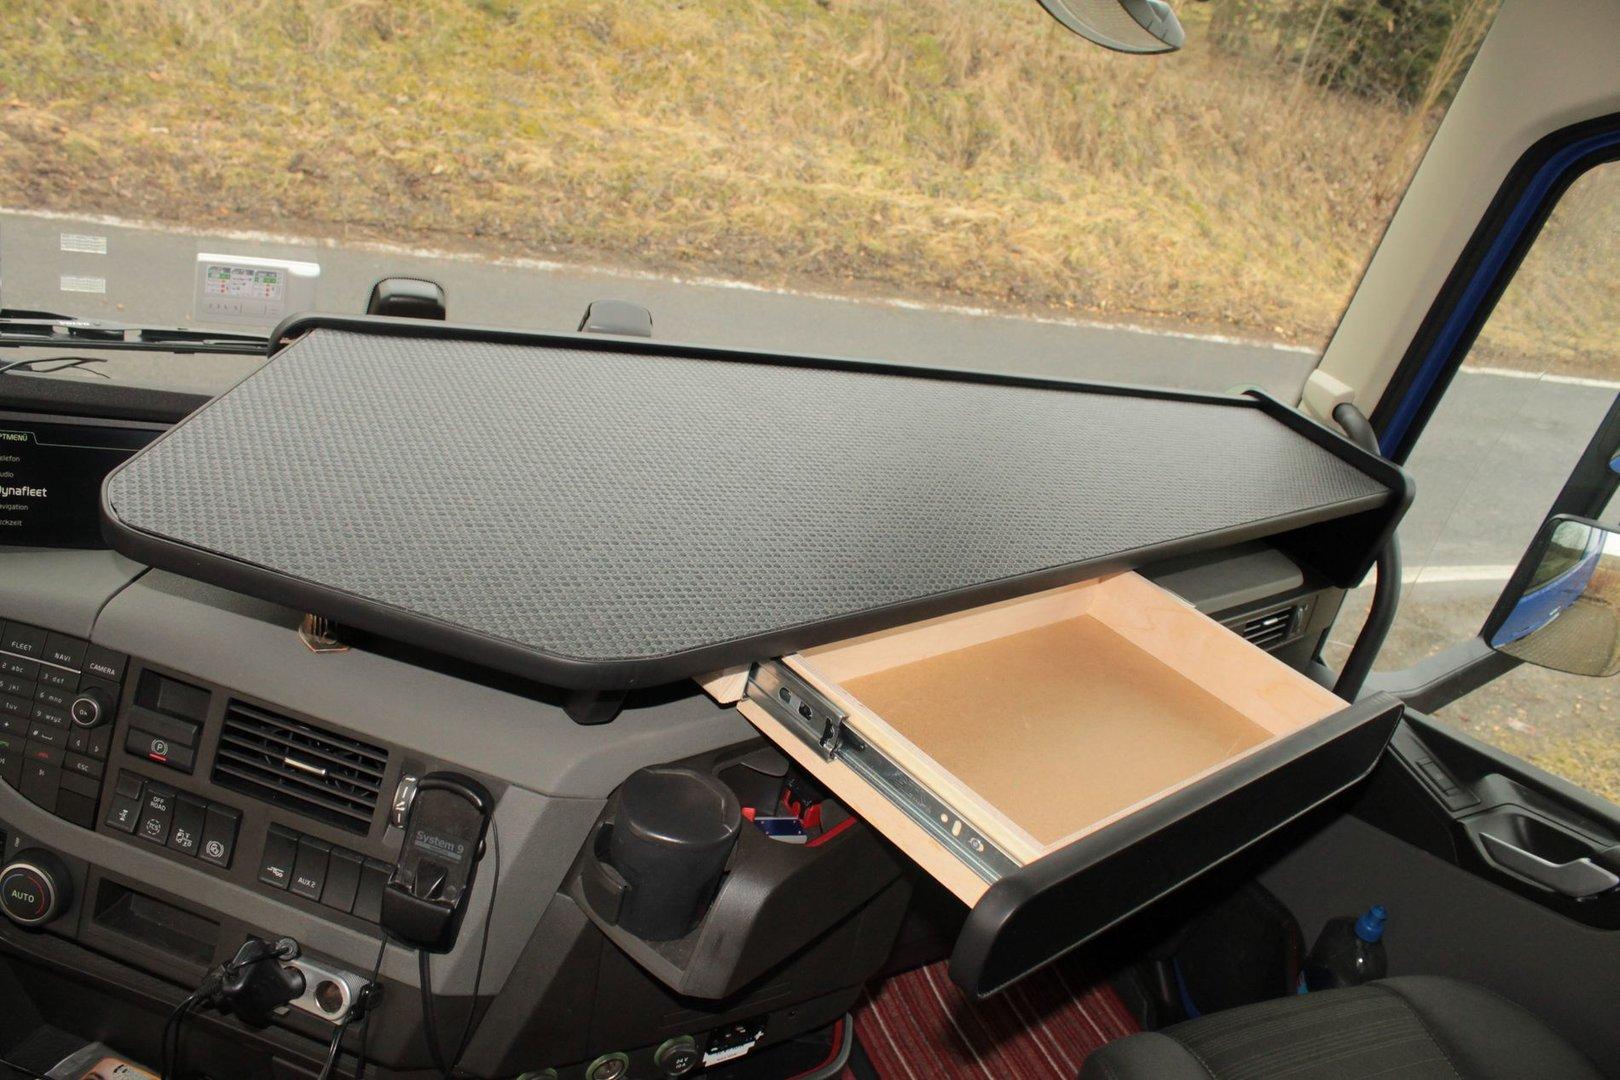 lkw tisch mit auszug passend volvo fh4 durchgehend und. Black Bedroom Furniture Sets. Home Design Ideas